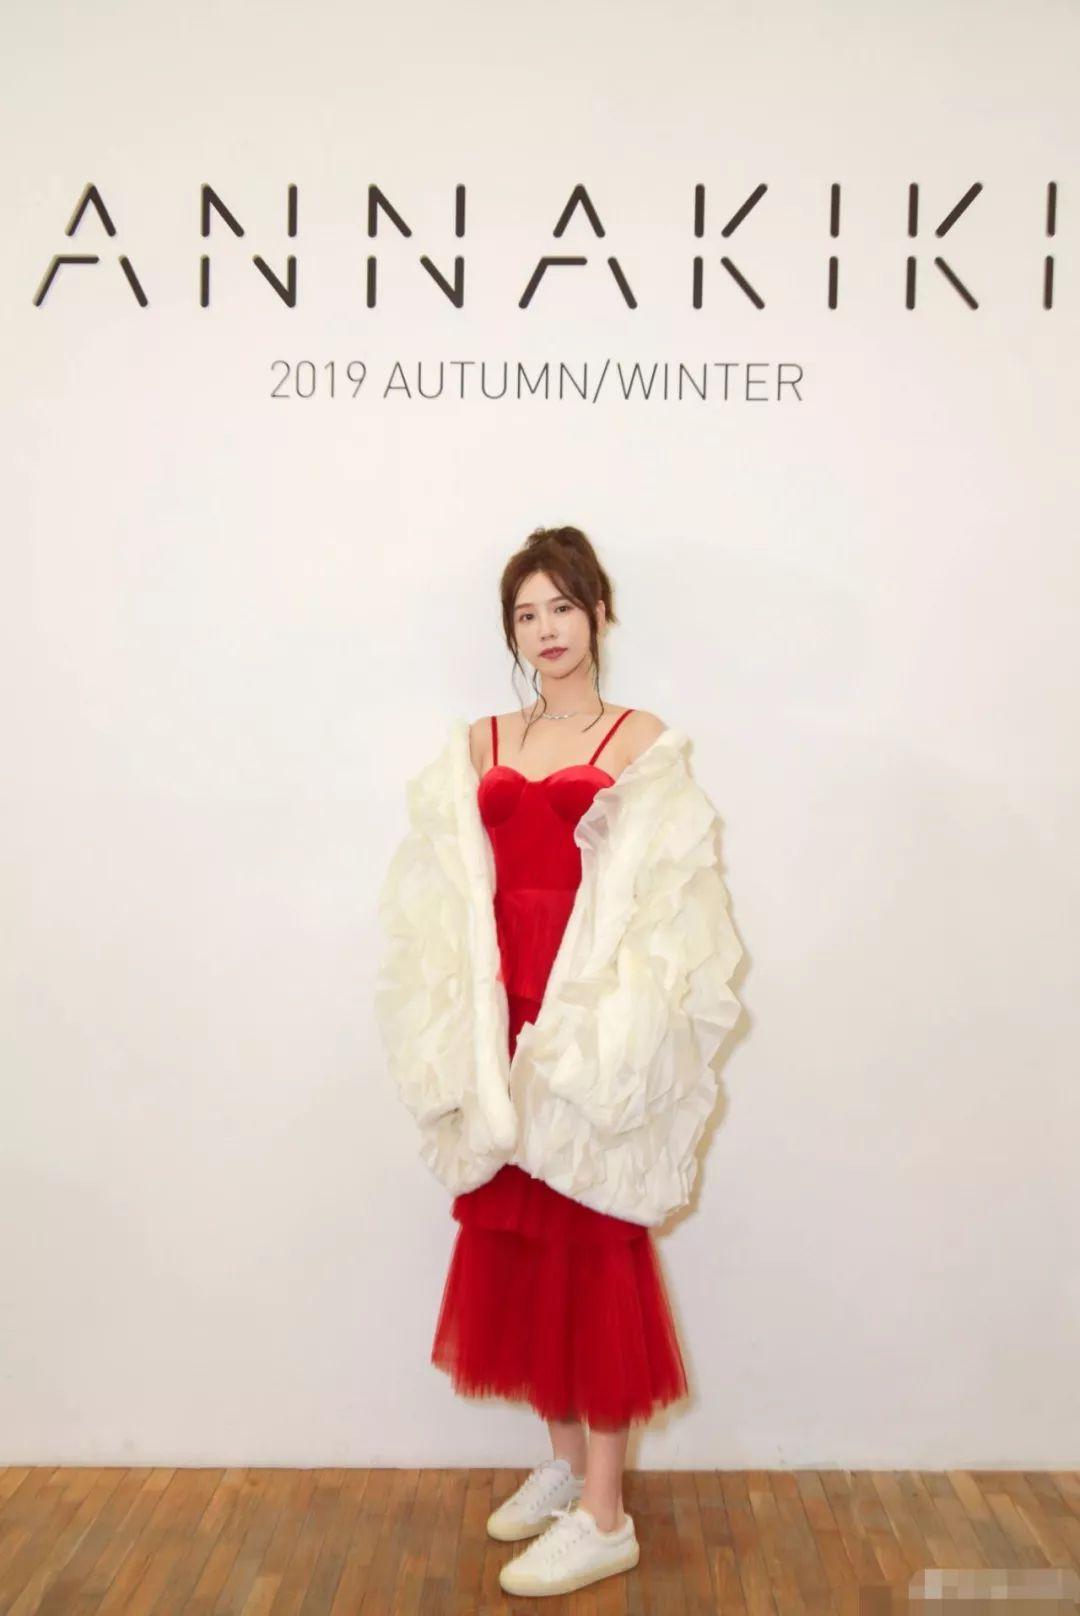 施予斐红白玫瑰着装很优雅,却让脚上小?#20180;?#31967;蹋了,?#37145;?#22899;人味!